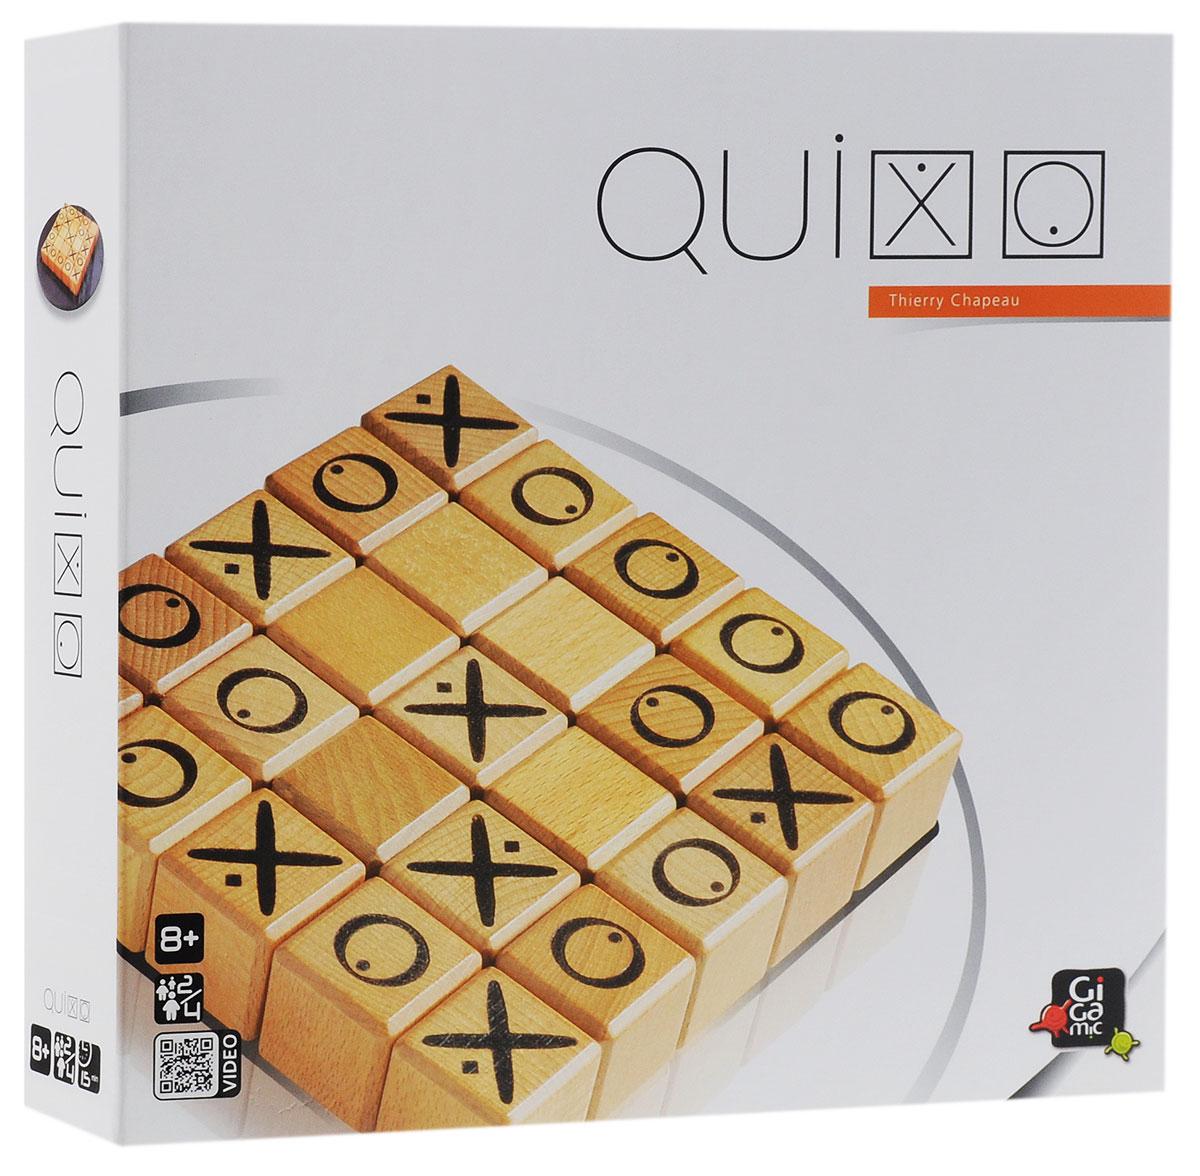 Gigamic Настольная игра QuixoУТ000000177Настольная игра Gigamic Quixo - это прекрасный способ времяпрепровождения, такое развлечение придется по душе, как взрослым, так и детям. Квиксо напоминает знакомые всем крестики-нолики, но на самом деле она гораздо интереснее. Цель игры - составить ряд из 5 своих символов. Все было бы просто, если бы кубики были неподвижны, но каждый ход игроки меняют расположение кубиков, сдвигая один из рядов. Так что, совершенно внезапно, вы можете оказаться на грани поражения! На соревнованиях можно установить ограничение на продолжительность одного хода. В комплект игры входят: игровое поле, 25 деревянных кубиков, мешочек для хранения и правила игры на русском языке. Средняя продолжительность игры составляет от 10 до 20 минут. Рекомендуемый возраст: от 8 лет.